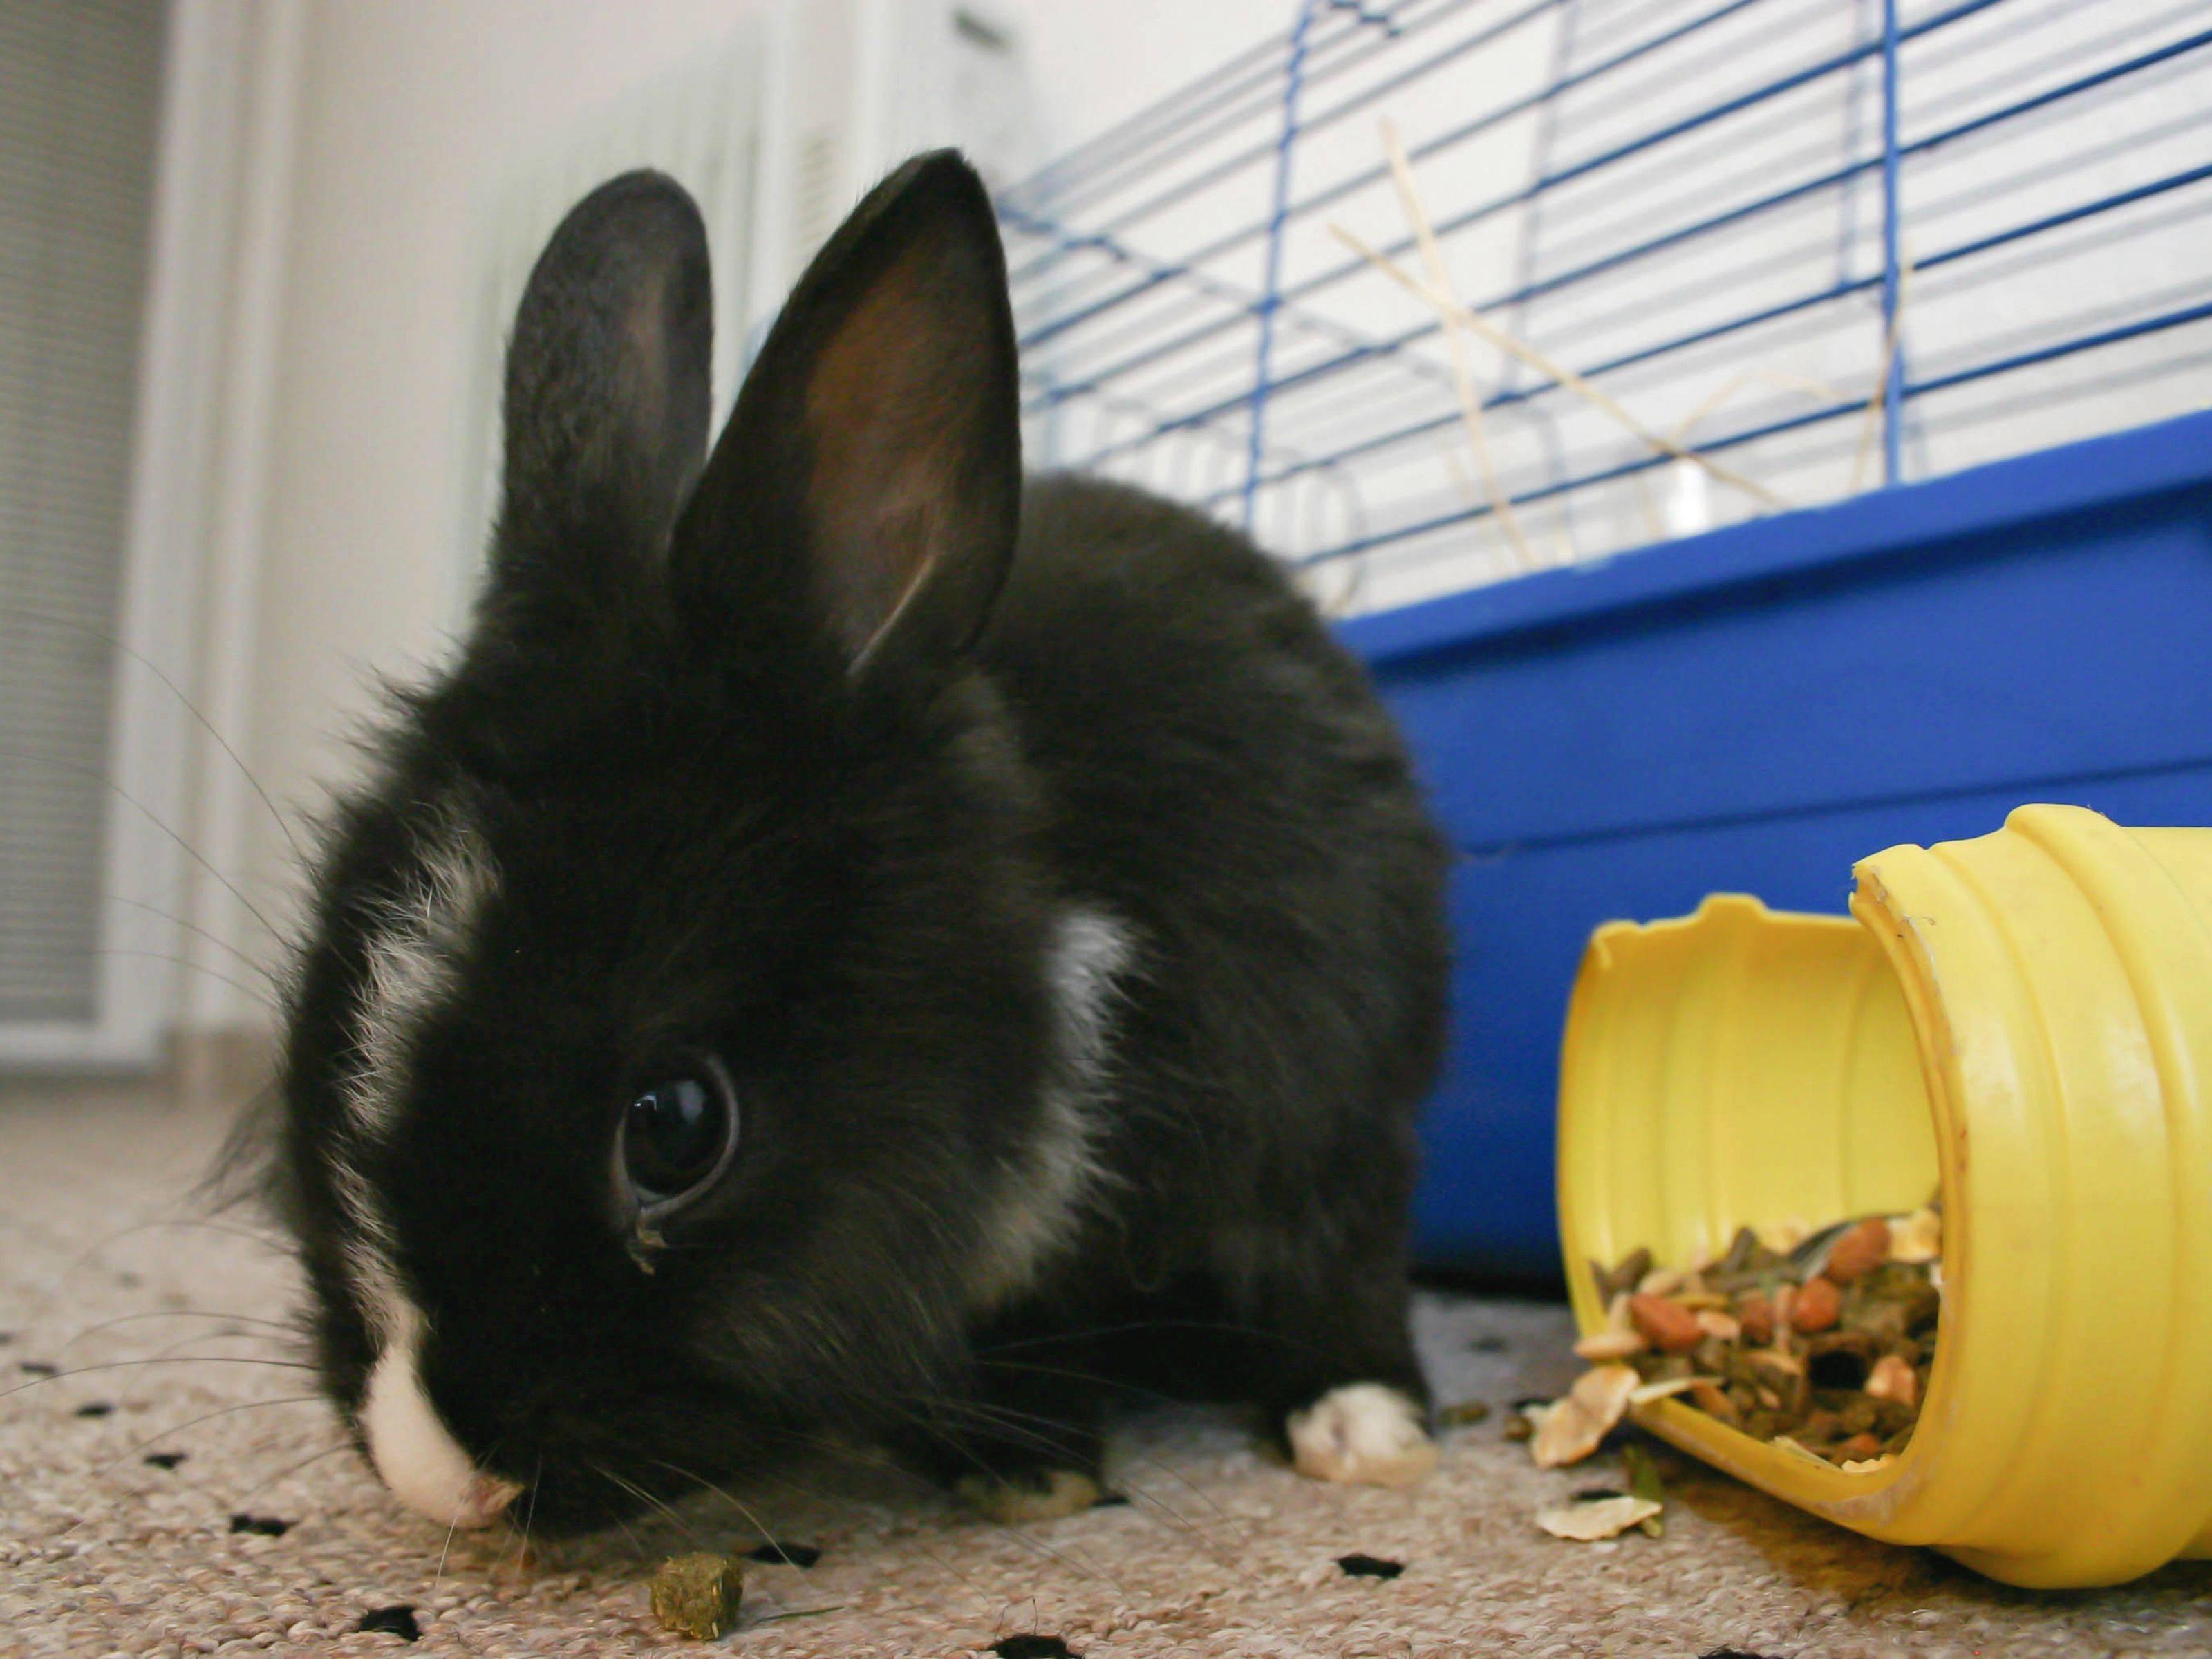 Карликовый кролик: уход и содержание в домашних условиях, отзывы, размеры, виды, продолжительность жизни, внешность и фото